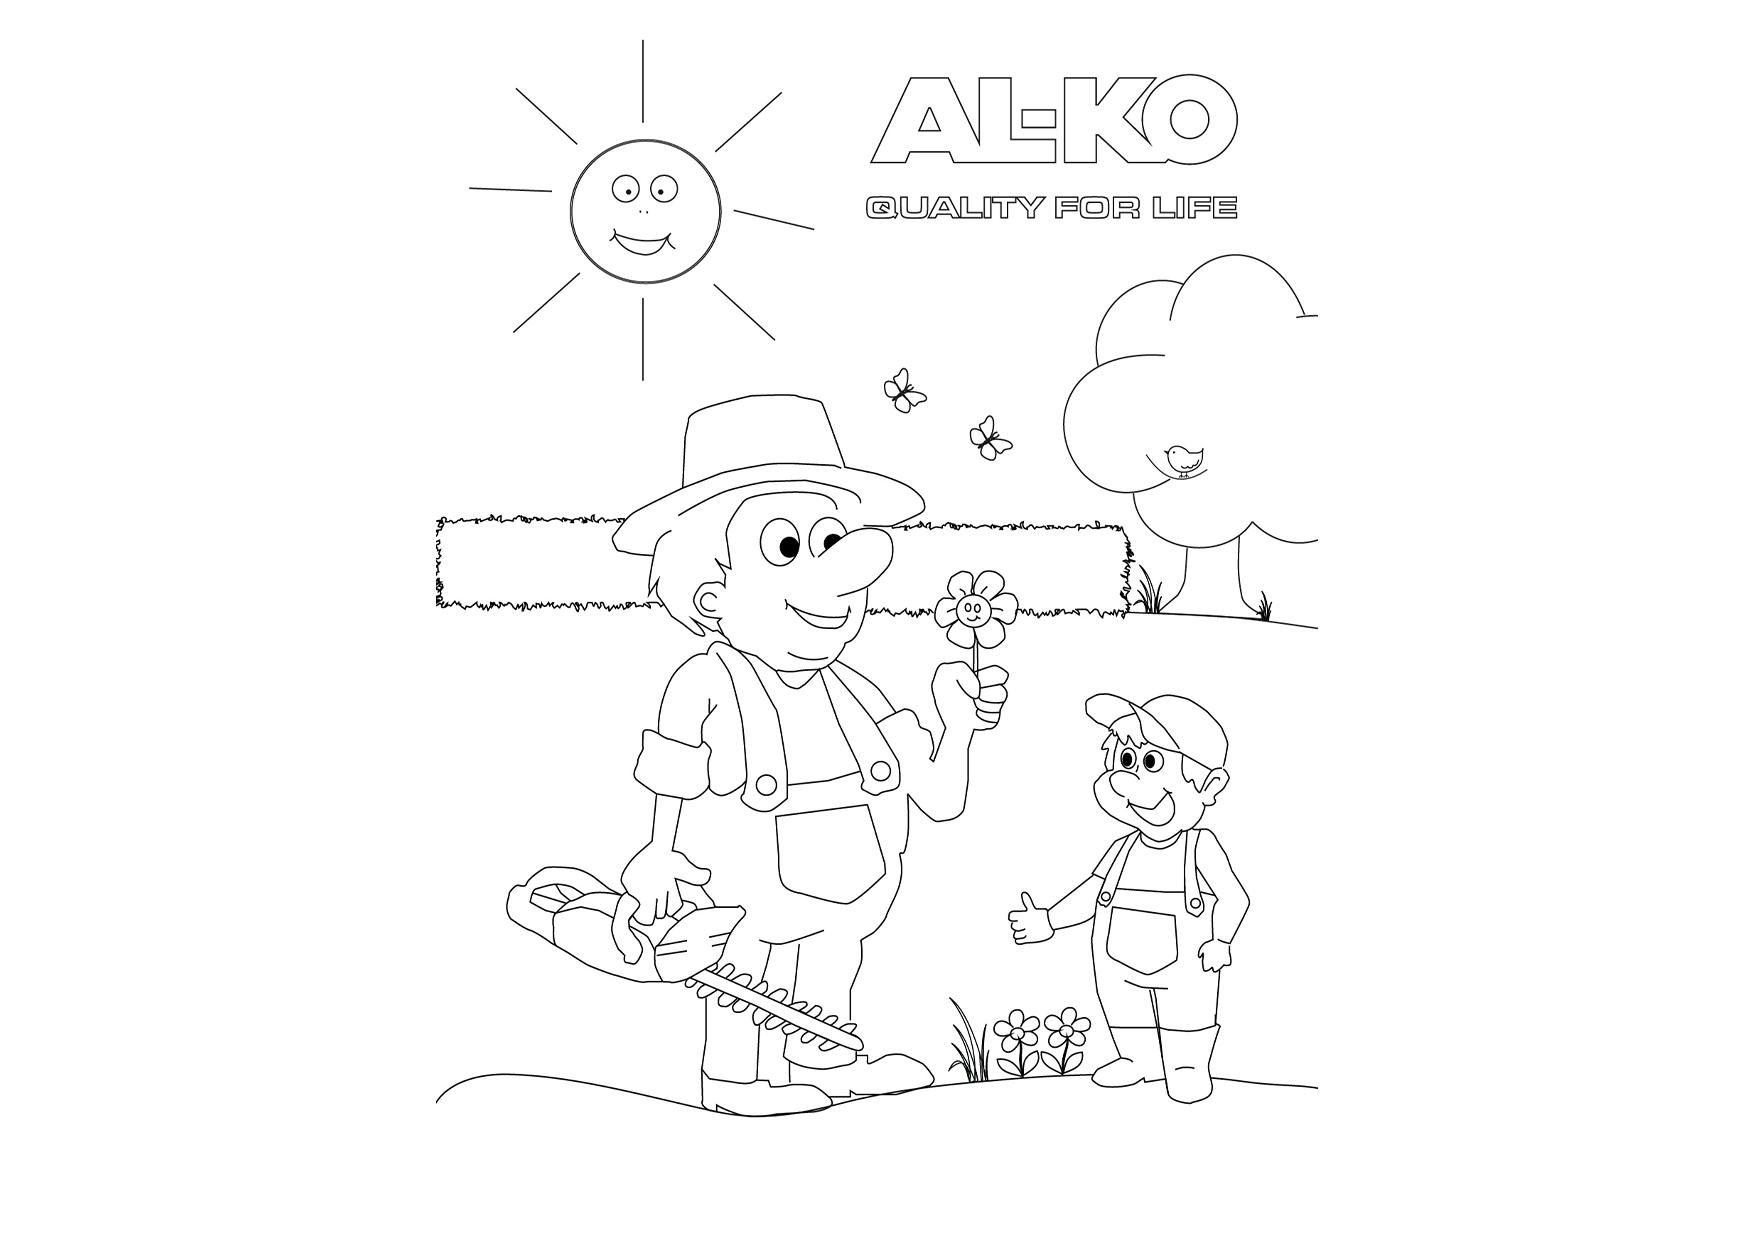 Der nette Gärtner | AL-KO Malvorlagen für Kids